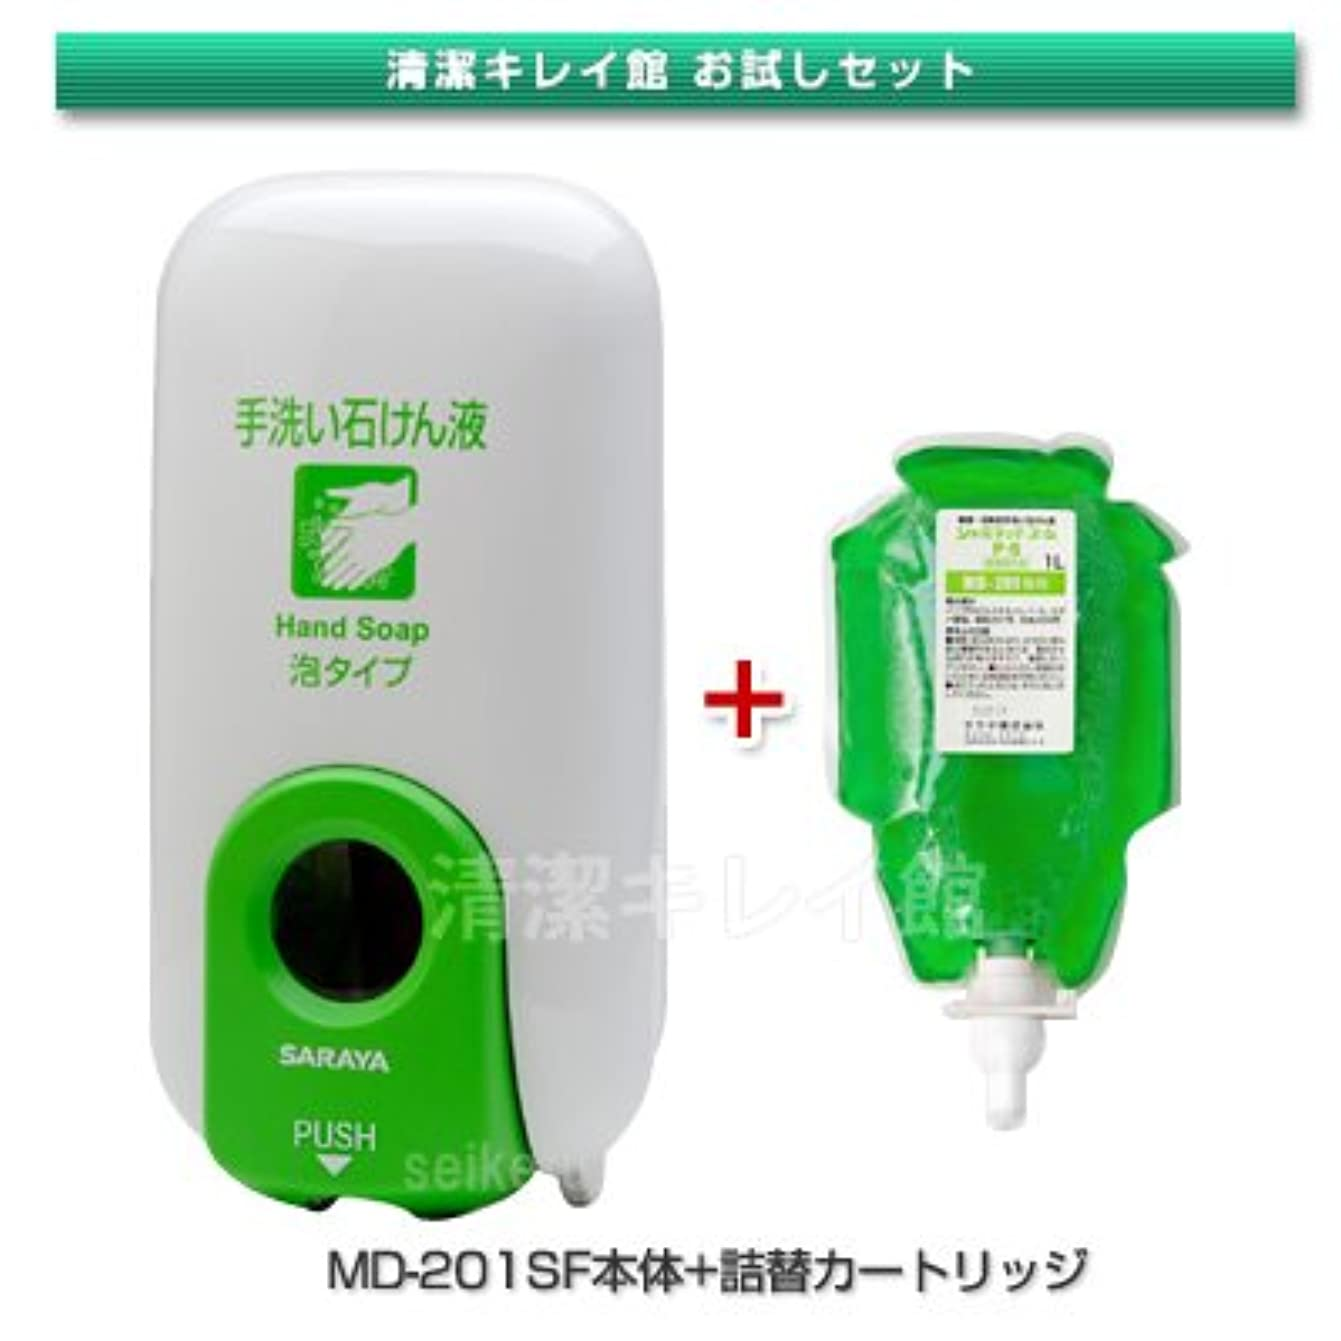 トンネル設計図投げるサラヤ プッシュ式石鹸液 MD-201SF(泡)【清潔キレイ館お試しセット】(本体とカートリッジ/ユムP-5)